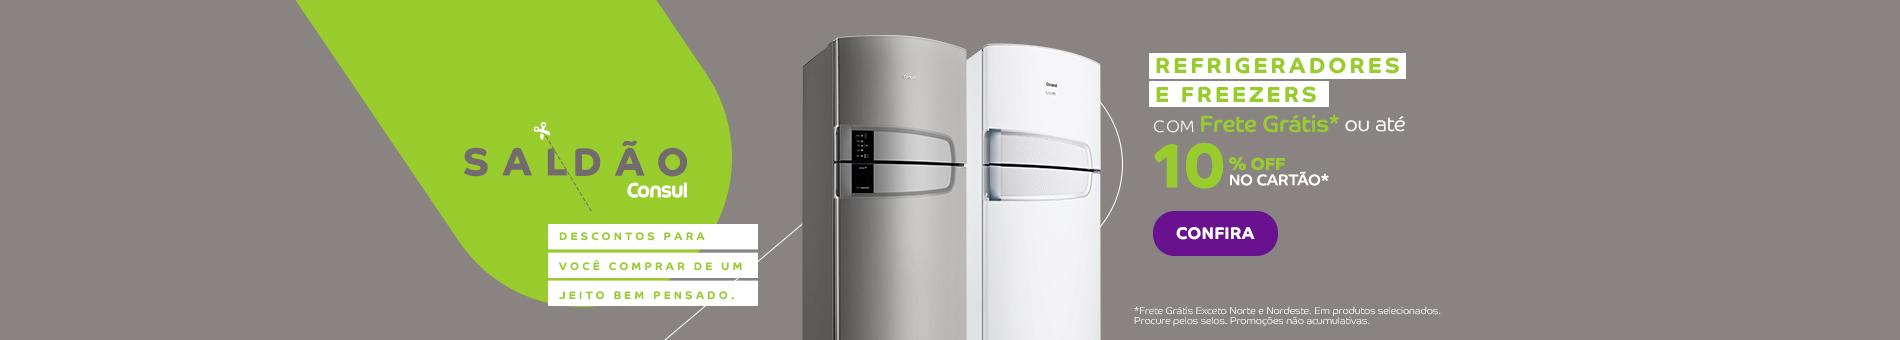 Promoção Interna - 1811 - camp-saldao2_refri-freezer_25052017_home2 - refri-freezer - 2